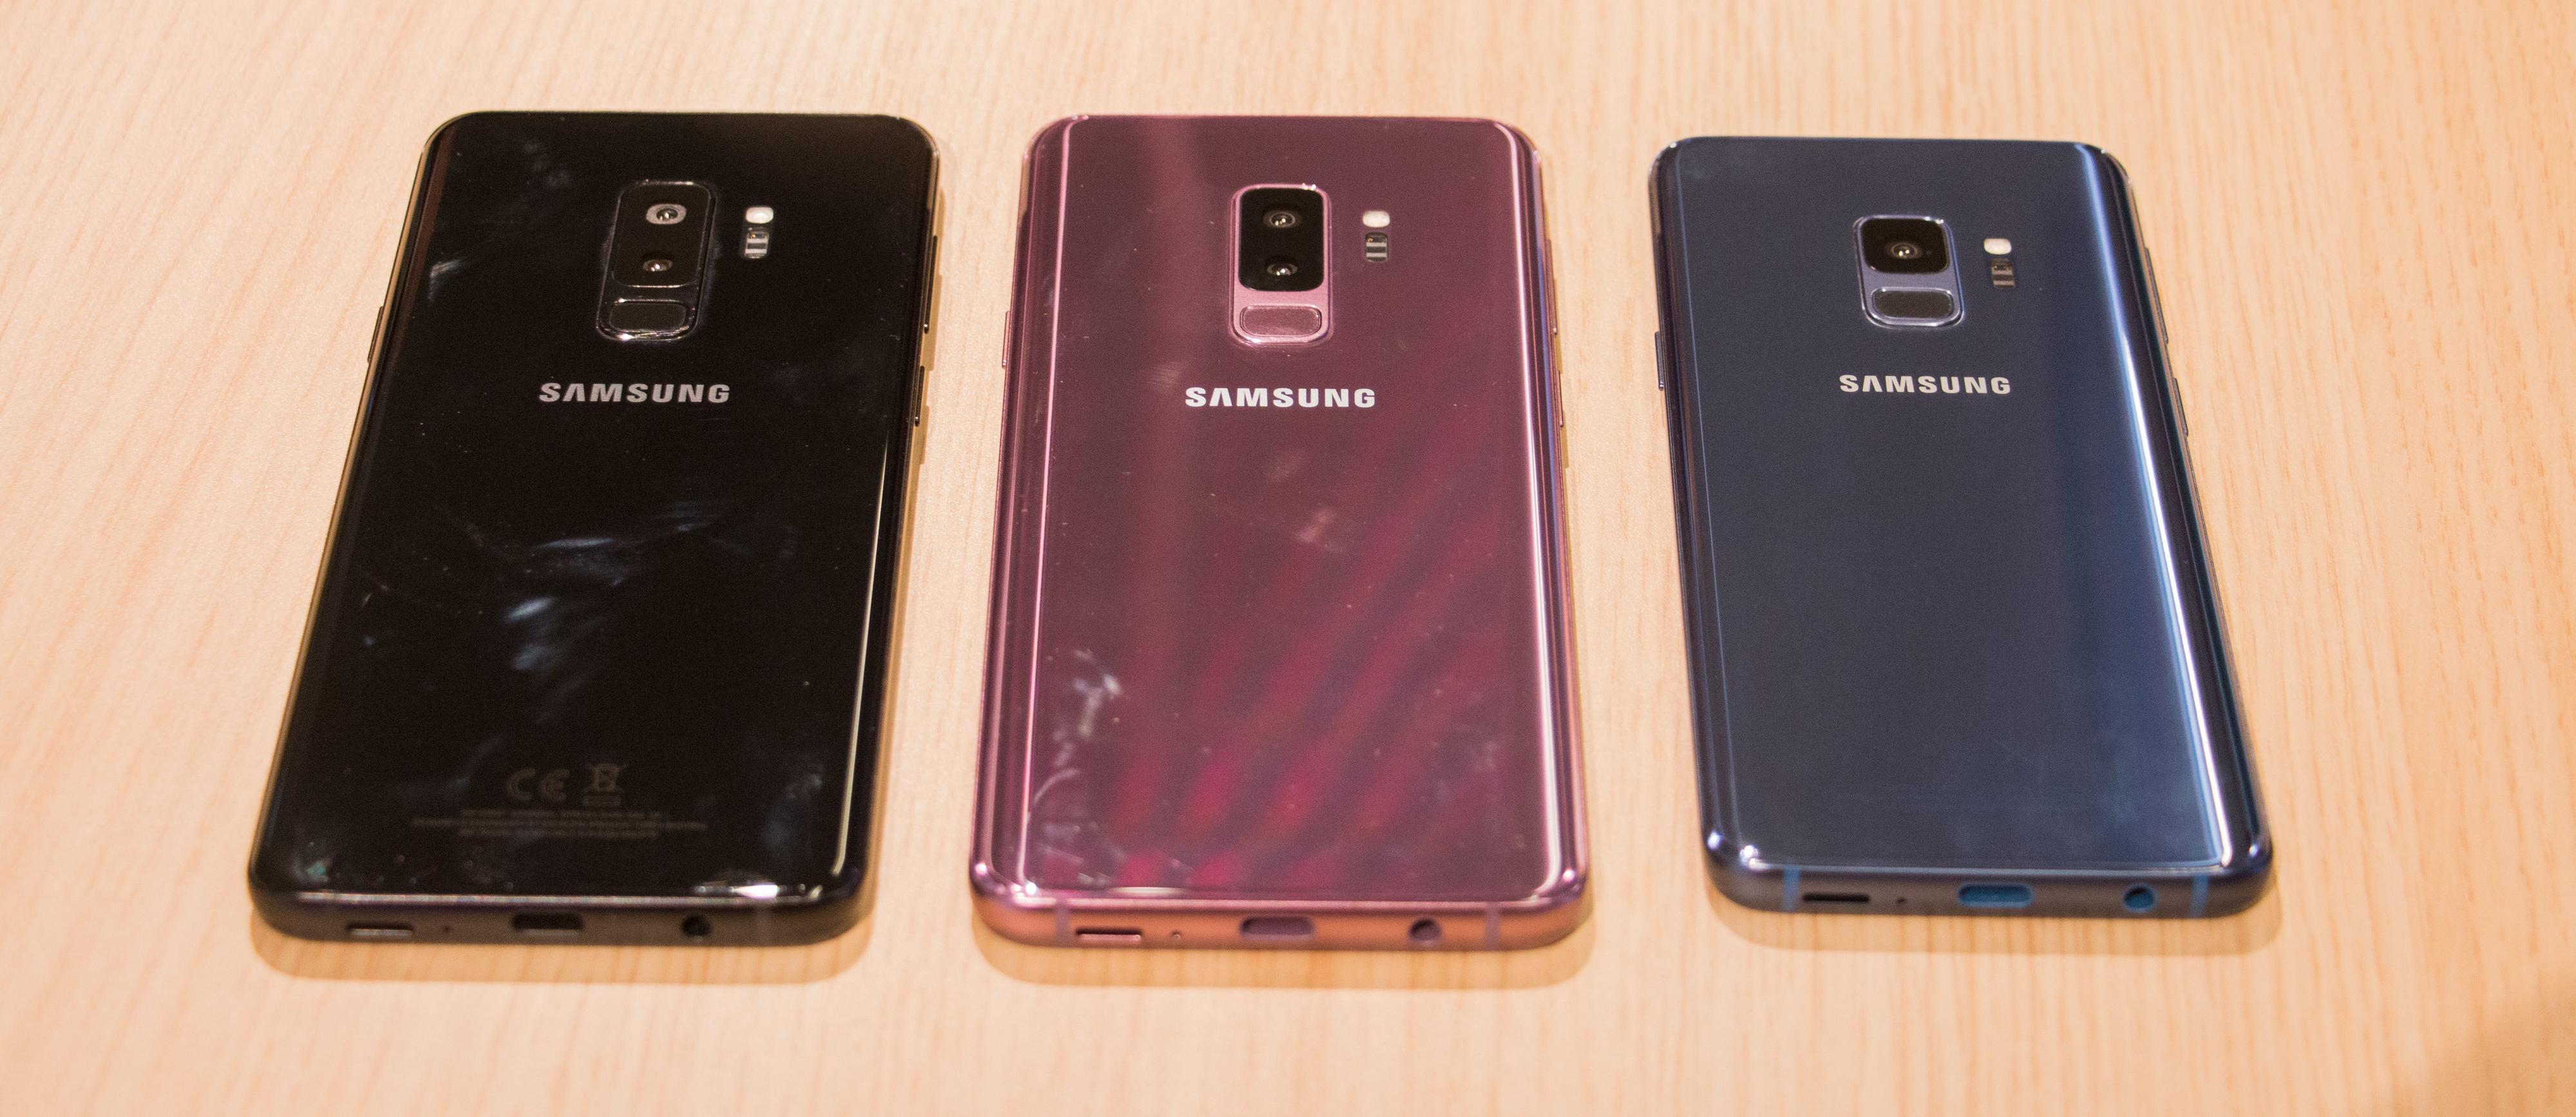 Her er de tre forskjellige fargene Galaxy S9-modellene kommer i.